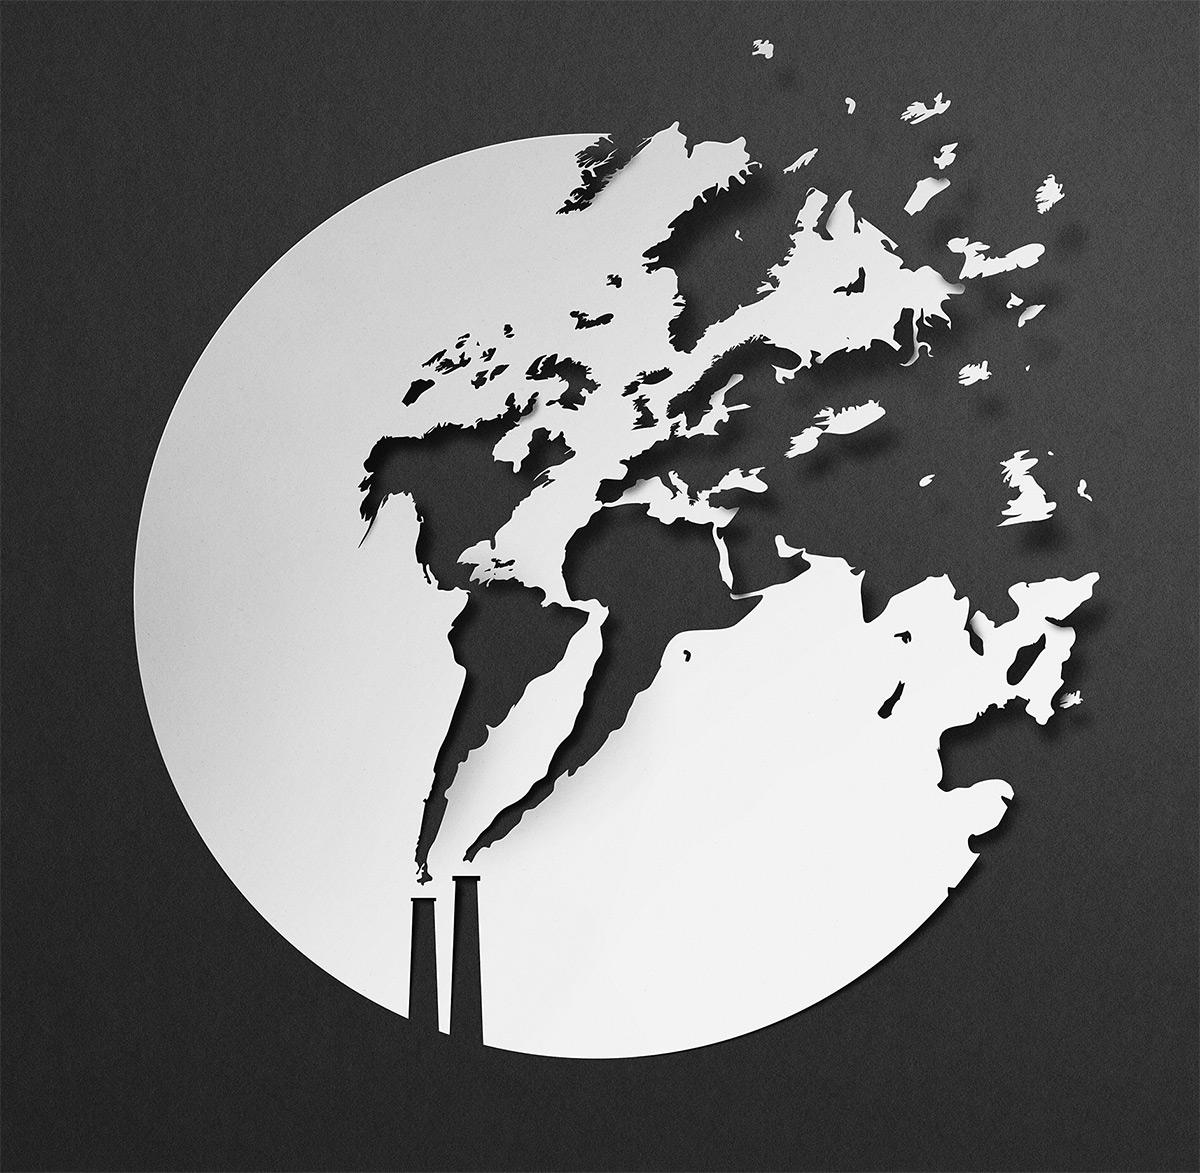 La paper art minimale di Eiko Ojala | Collater.al 12